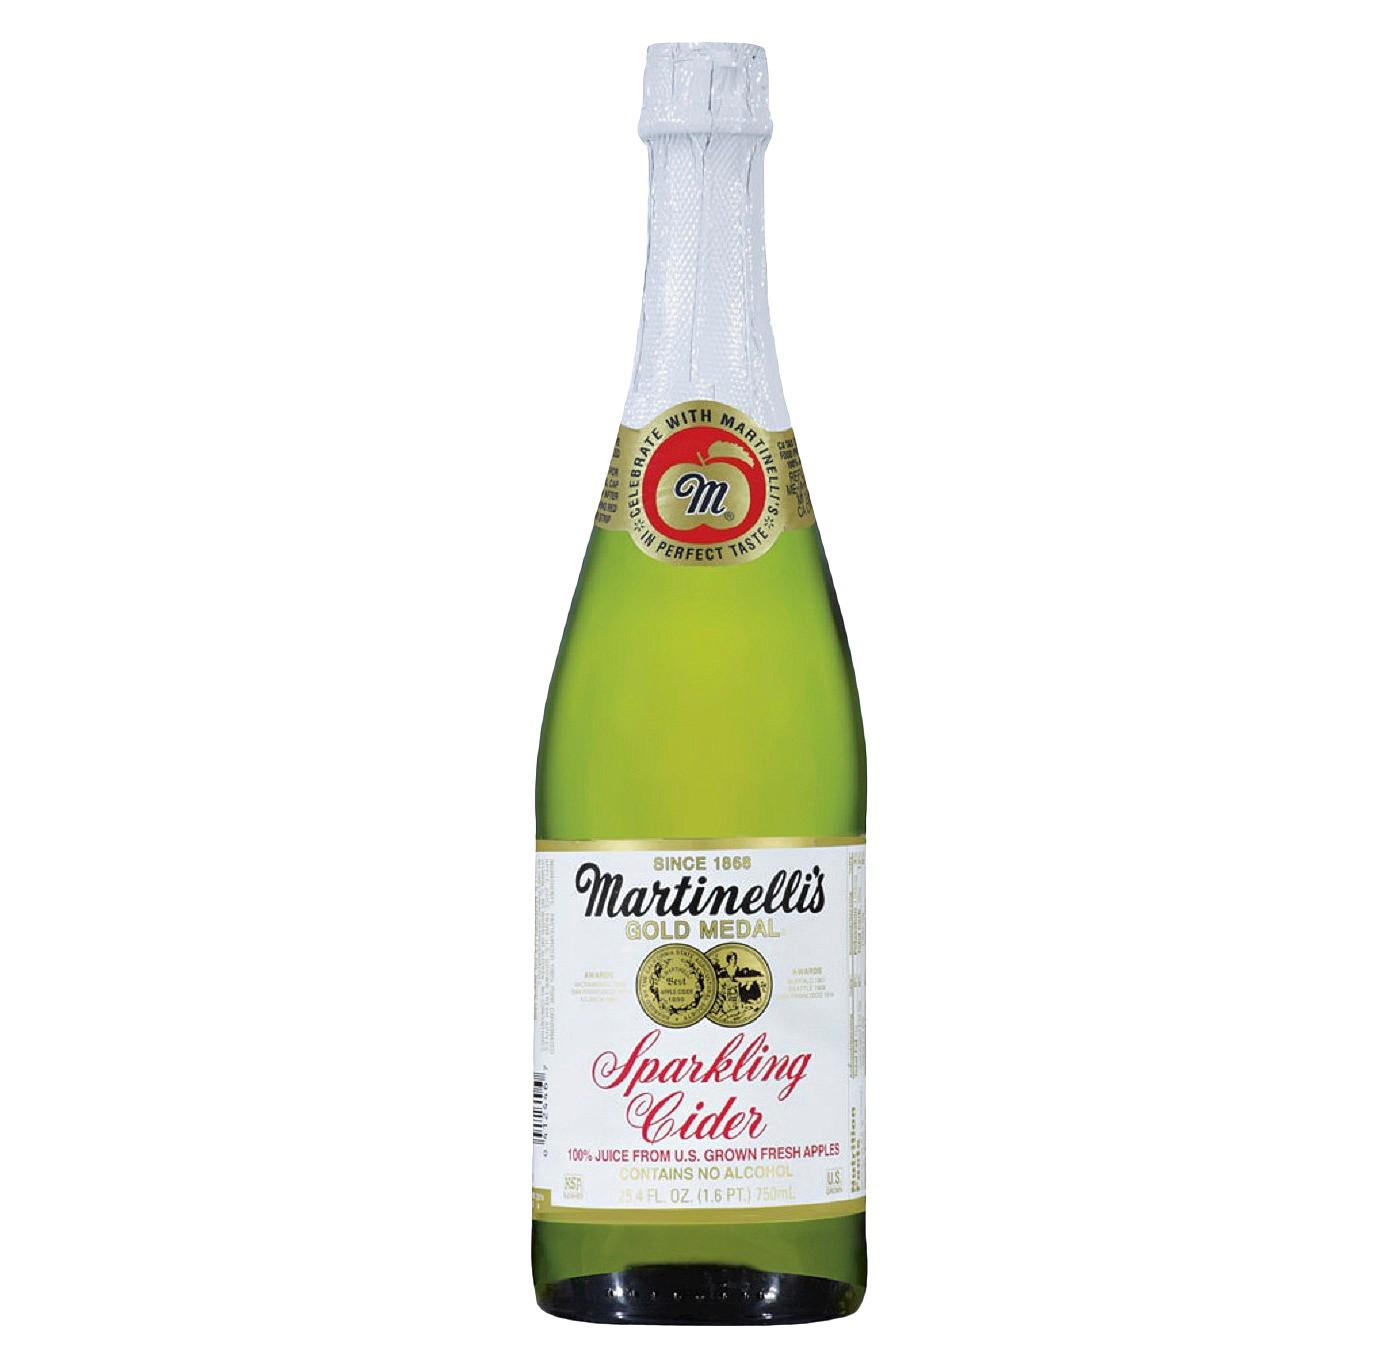 Martinelli's Gold Medal Sparkling Cider -25.4 fl oz Glass Bottles - image 1 of 3